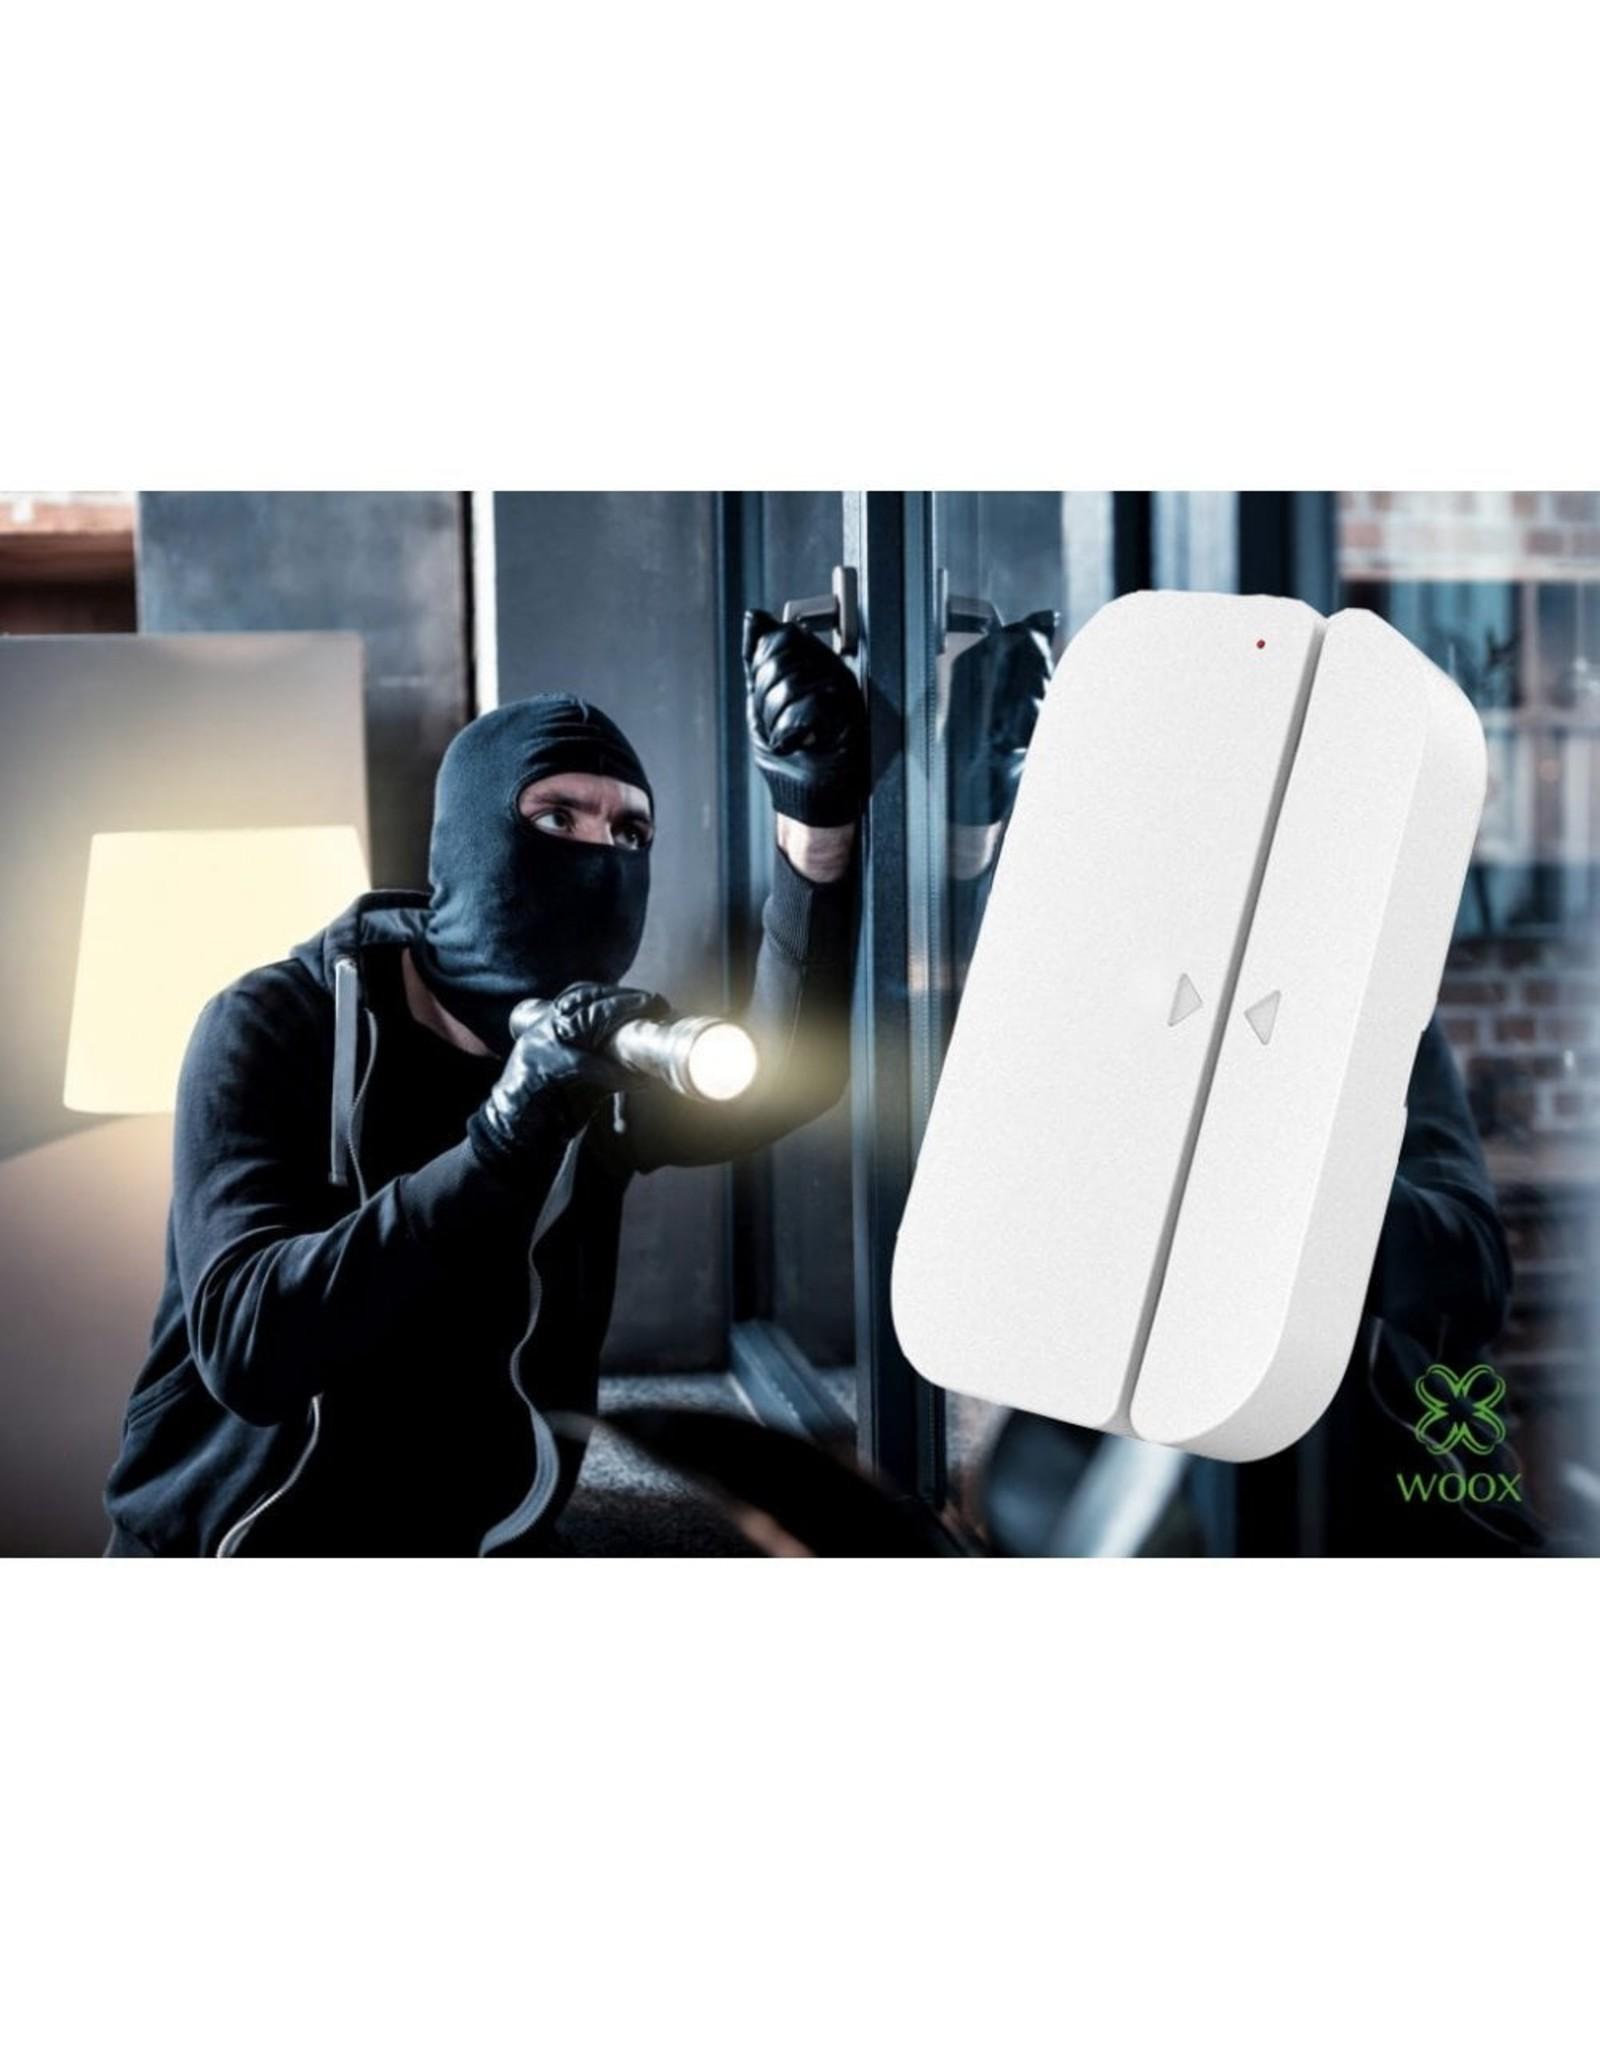 Woox Home 2-Pack Smart Door and Window Sensor | R4966